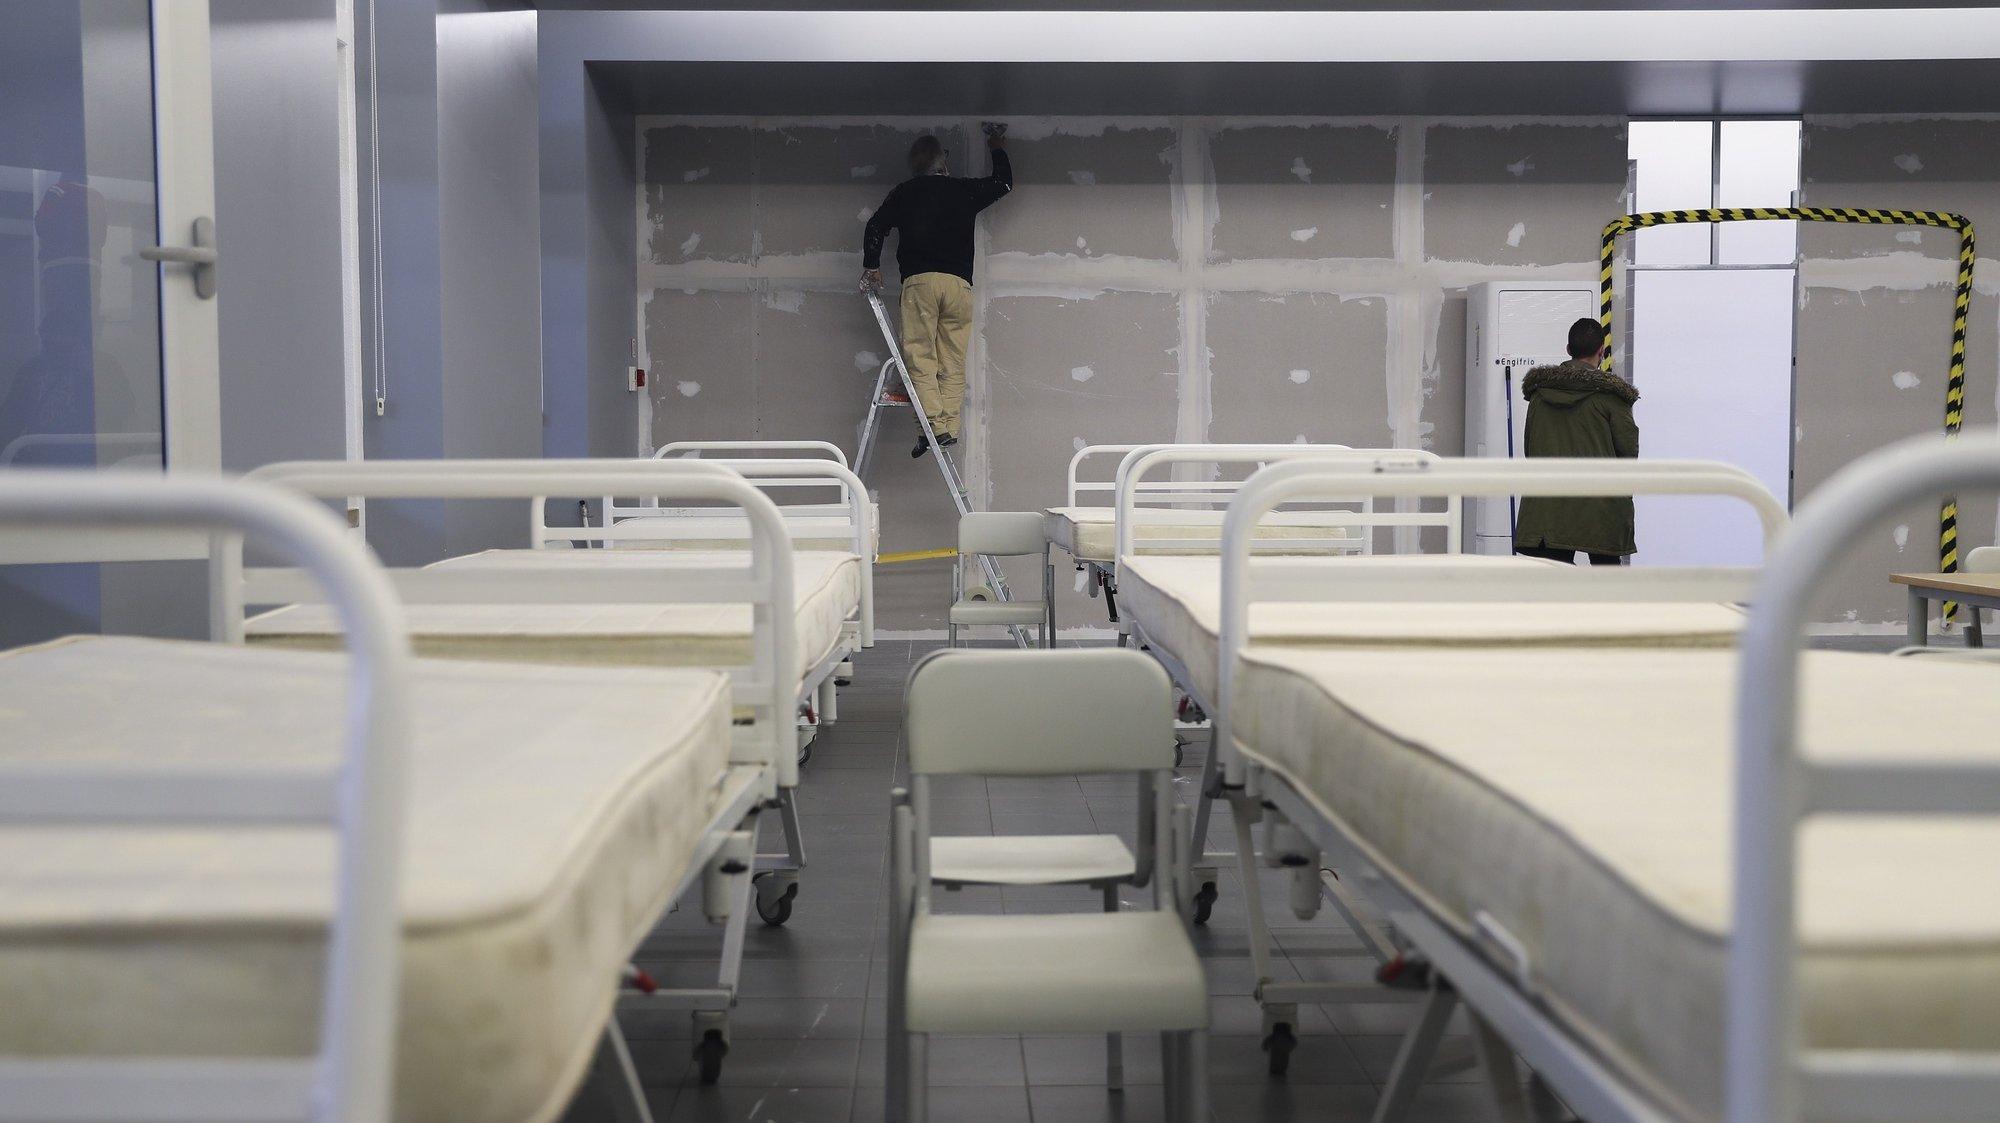 O refeitório é maior espaço a ser reconvertido onde antes se ouviam tachos e talheres, agora ouve-se o arrastar de camas, o martelar das máquinas, o raspar do cimento nas paredes e o erguer de divisórias, entre pessoal militar e civil, que tenta tornar este espaço o mais acolhedor possível para futuros doentes, Lisboa, 27 de janeiro de 2021. Gabinetes, salas de espera e até o refeitório do Hospital das Forças Armadas, em Lisboa, estão a ser transformados em enfermarias para doentes covid-19, no combate a uma vaga da pandemia que atinge o país em força. ( ACOMPANHA TEXTO DO DIA 28 DE JANEIRO DE 2021). JOÃO RELVAS/LUSA